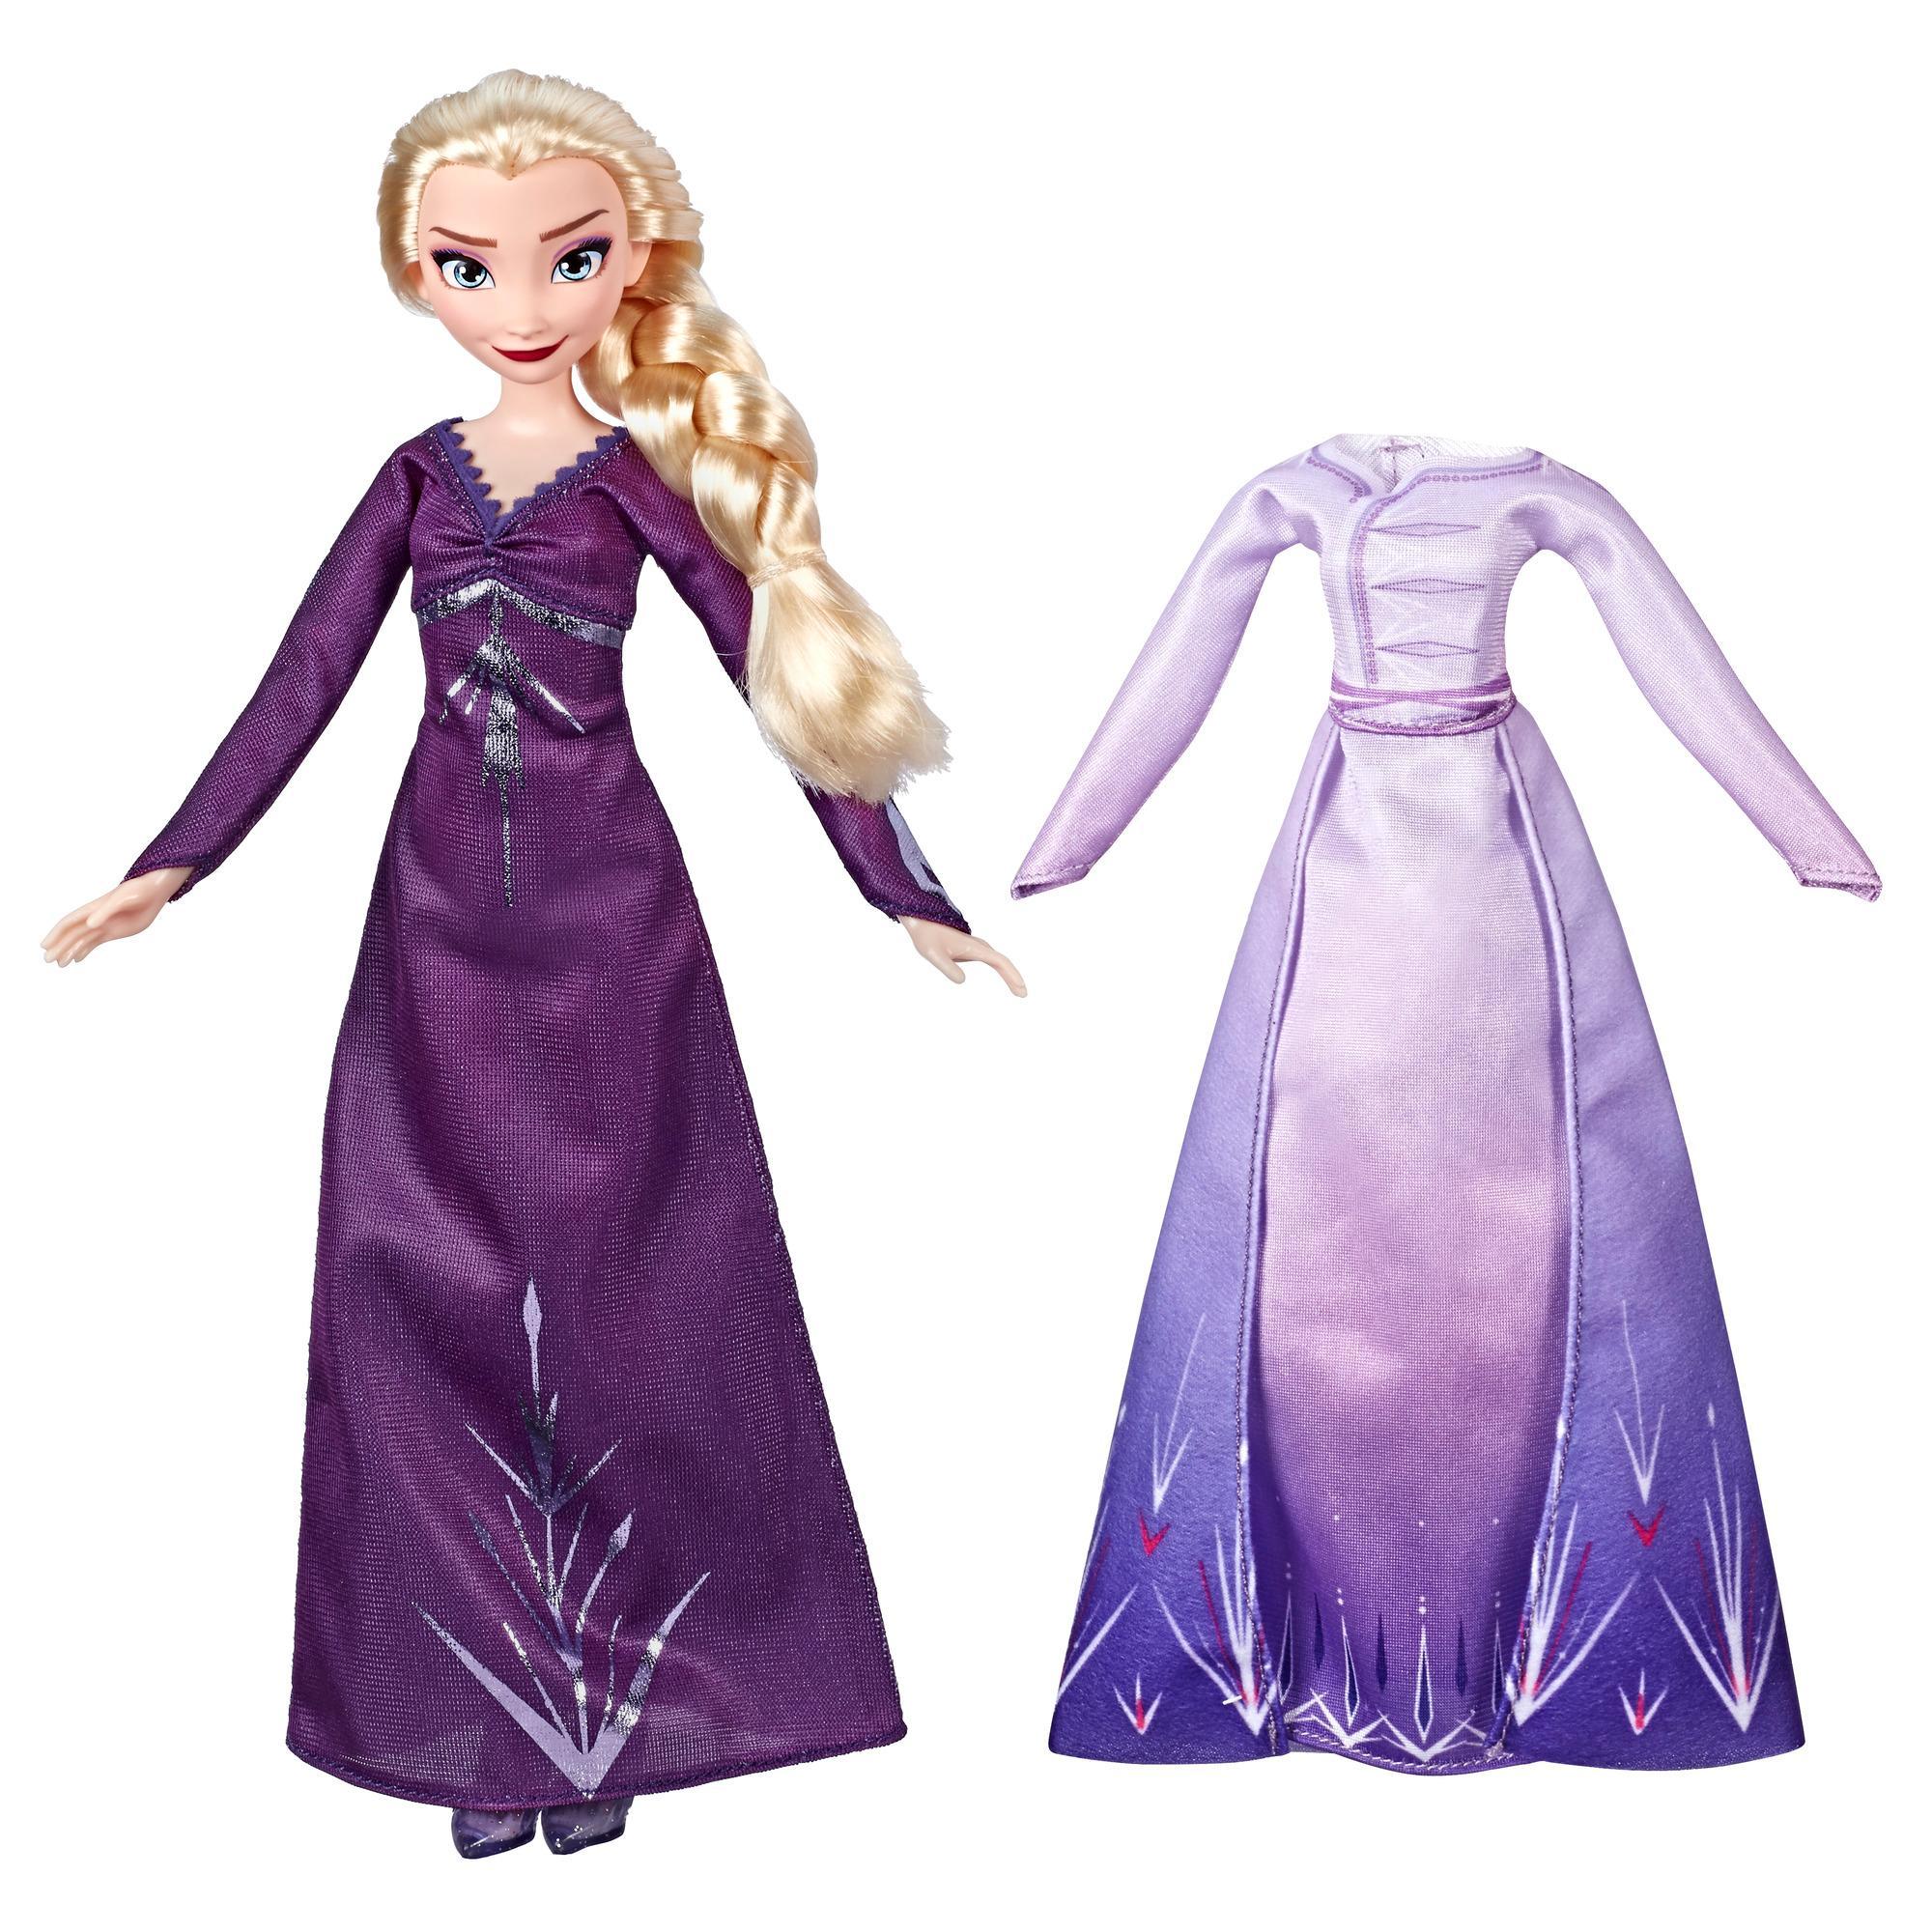 Disney Frozen - Elsa Modas de Arendelle - Muñeca con 2 vestimentas: camisón y vestido color púrpura, inspirada en la película Frozen 2 de Disney - Juguete para niños y niñas de 3 años en adelante